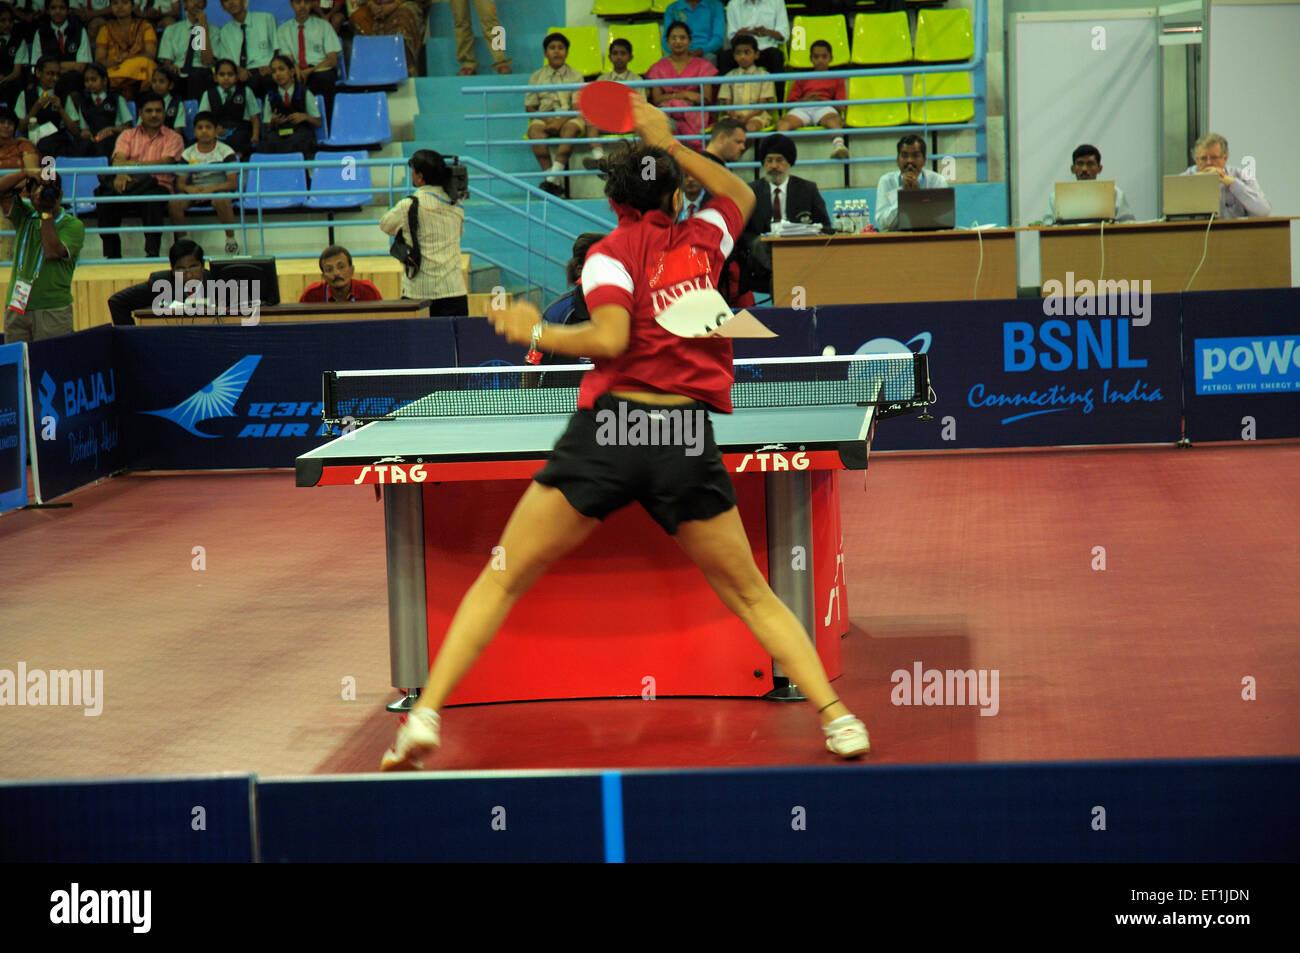 Neha aggarwal giocando a ping-pong ; Pune ; Maharashtra ; India 15 ottobre 2008 NOMR Immagini Stock